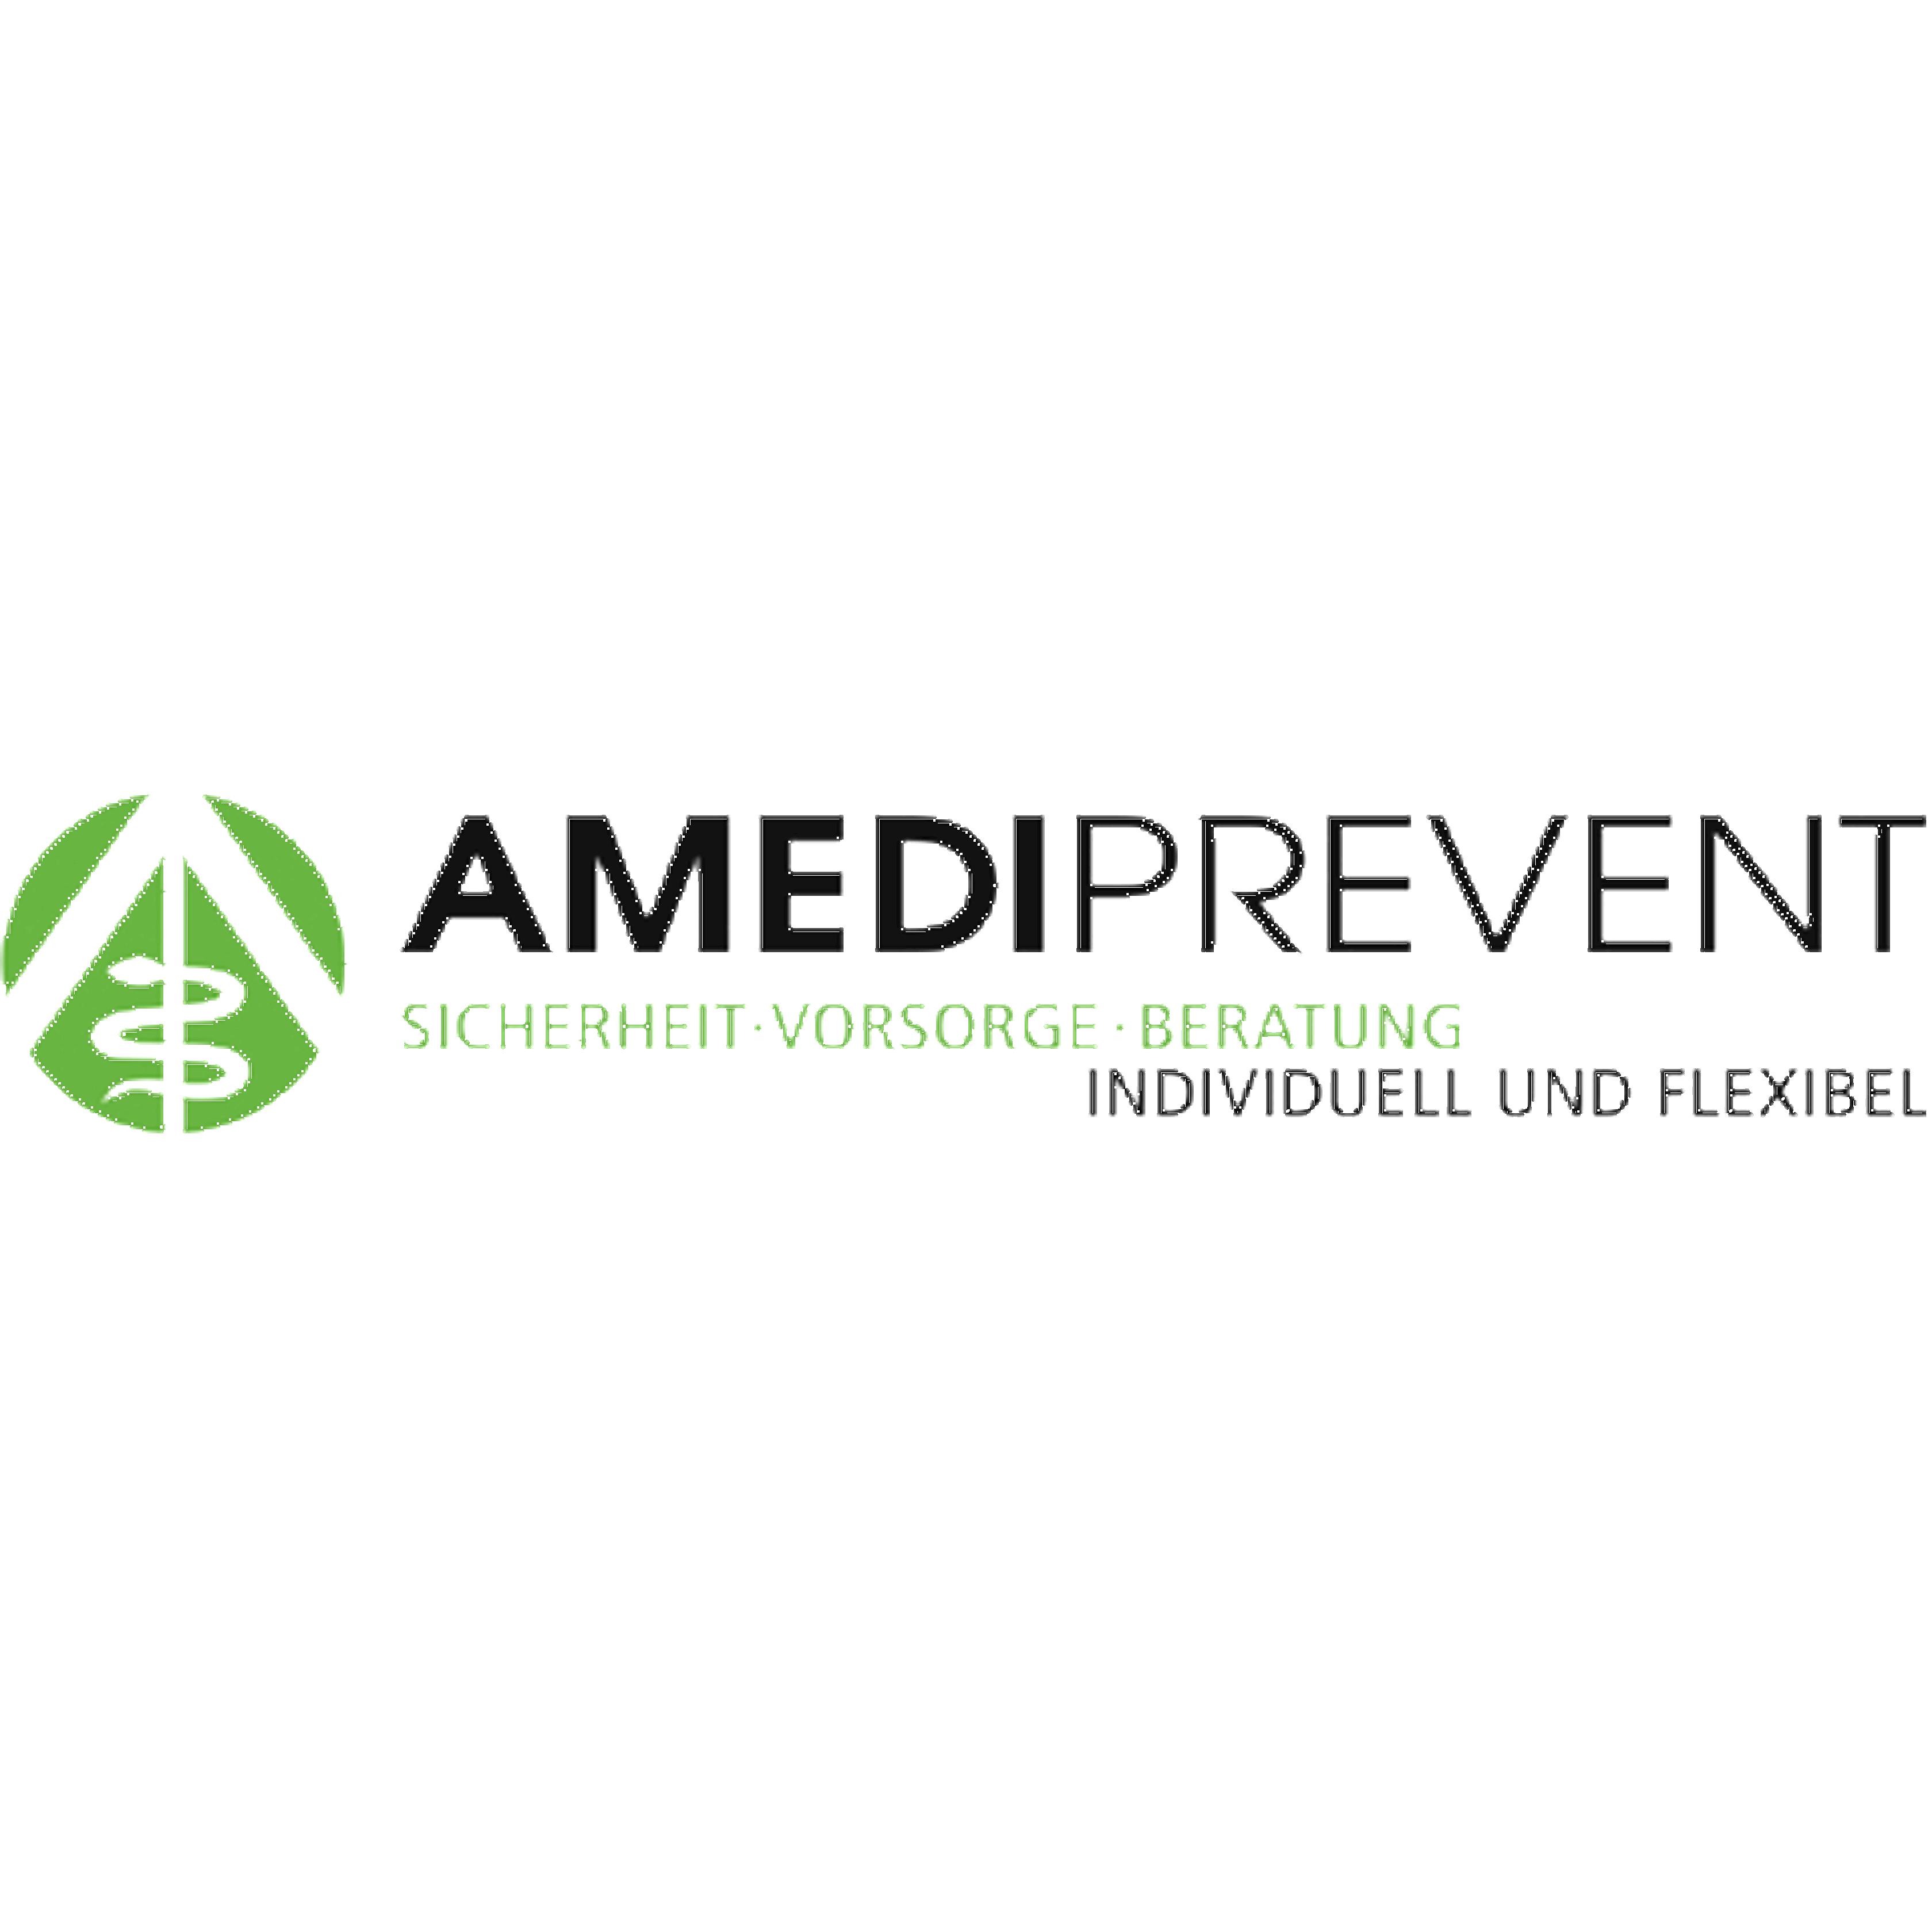 Bild zu AMEDIPREVENT GmbH Arbeits- und Verkehrsmedizinischer Dienst in Essen